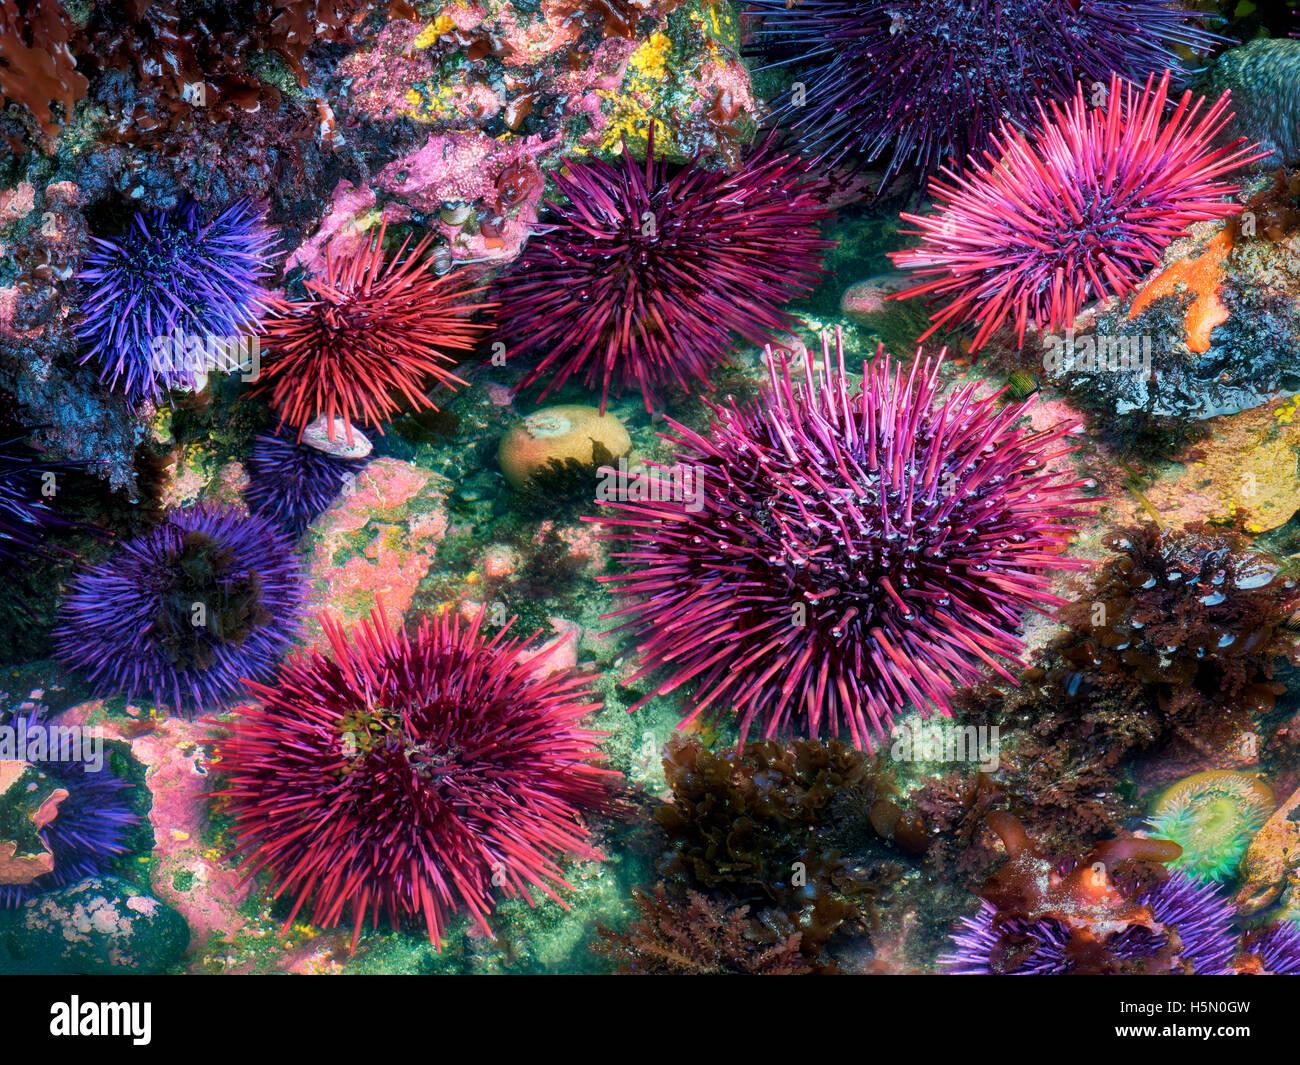 Rosso e viola ricci di mare in condizioni estreme di meno la marea. Yaquina Capo Eccezionale area naturale, Oregon Immagini Stock